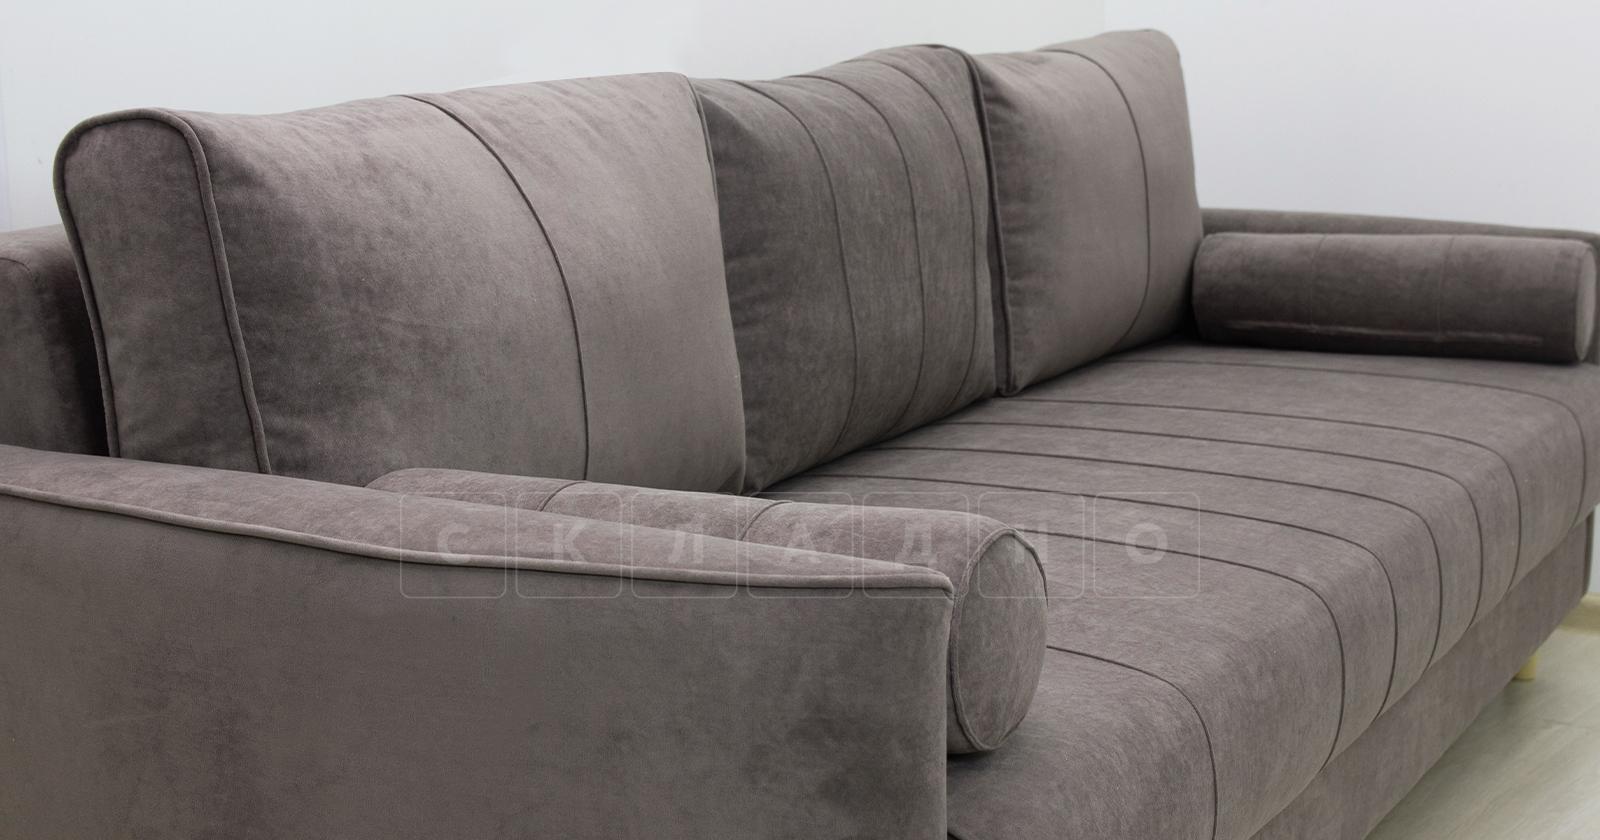 Диван-кровать Лорен серо-коричневый фото 6 | интернет-магазин Складно